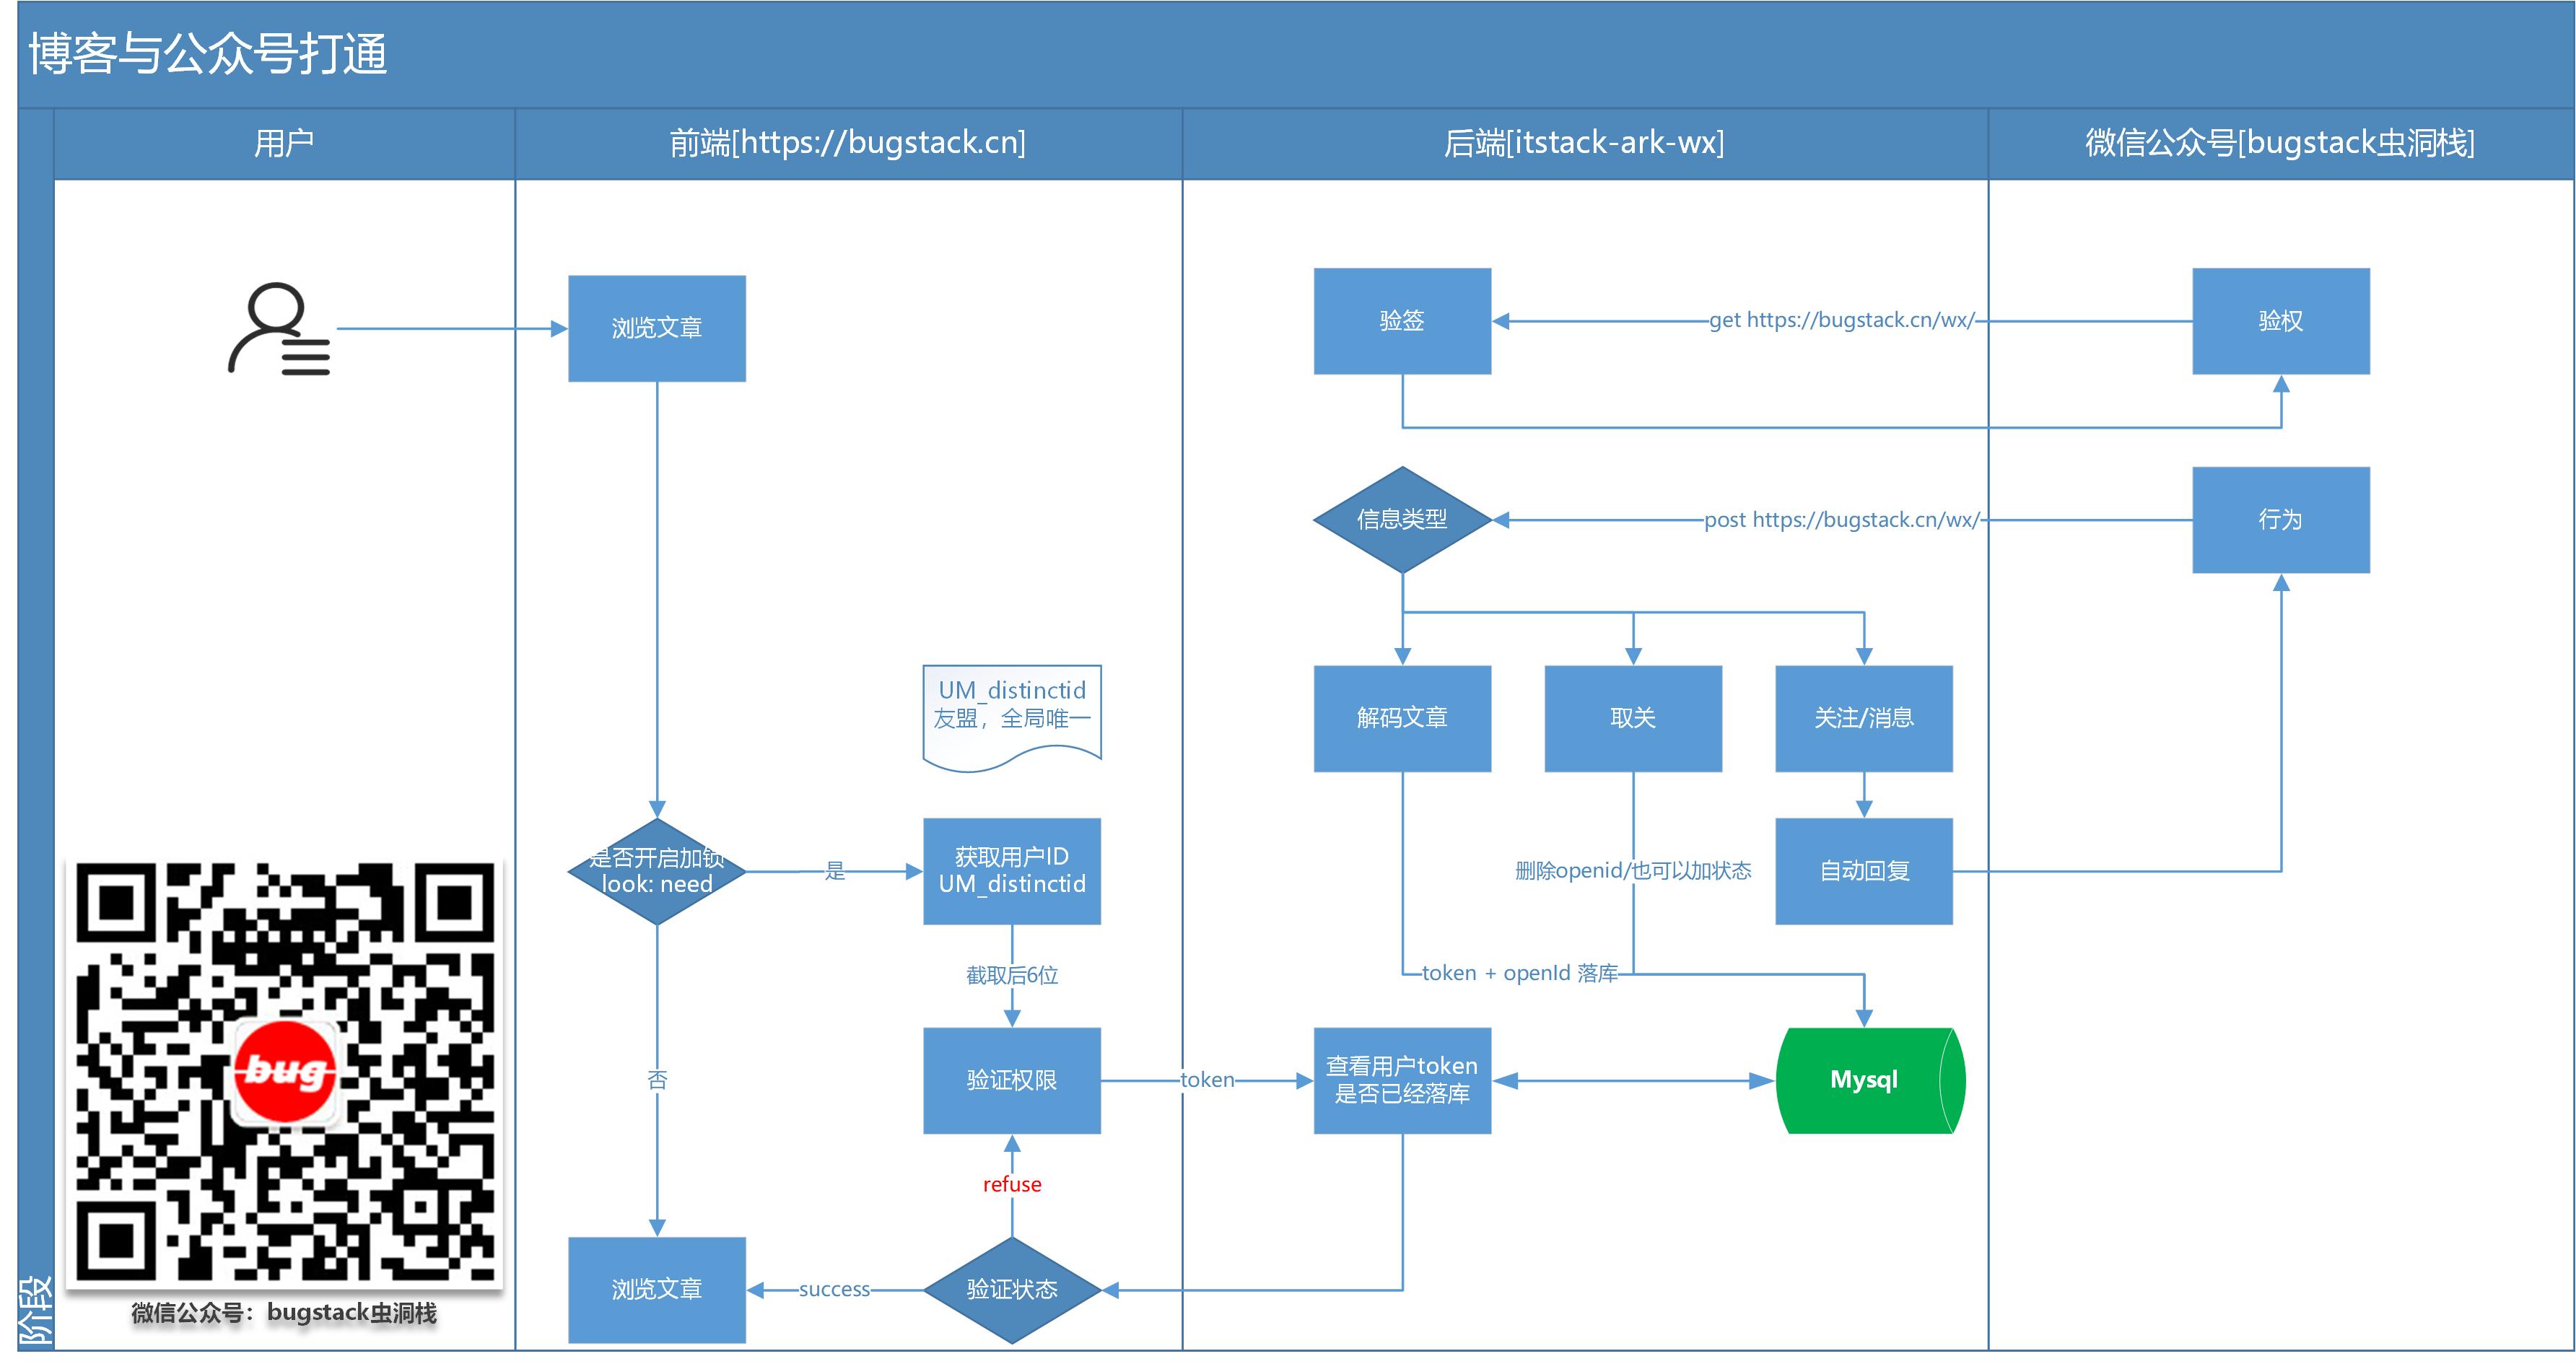 微信公众号:bugstack虫洞栈 & 流程图设计